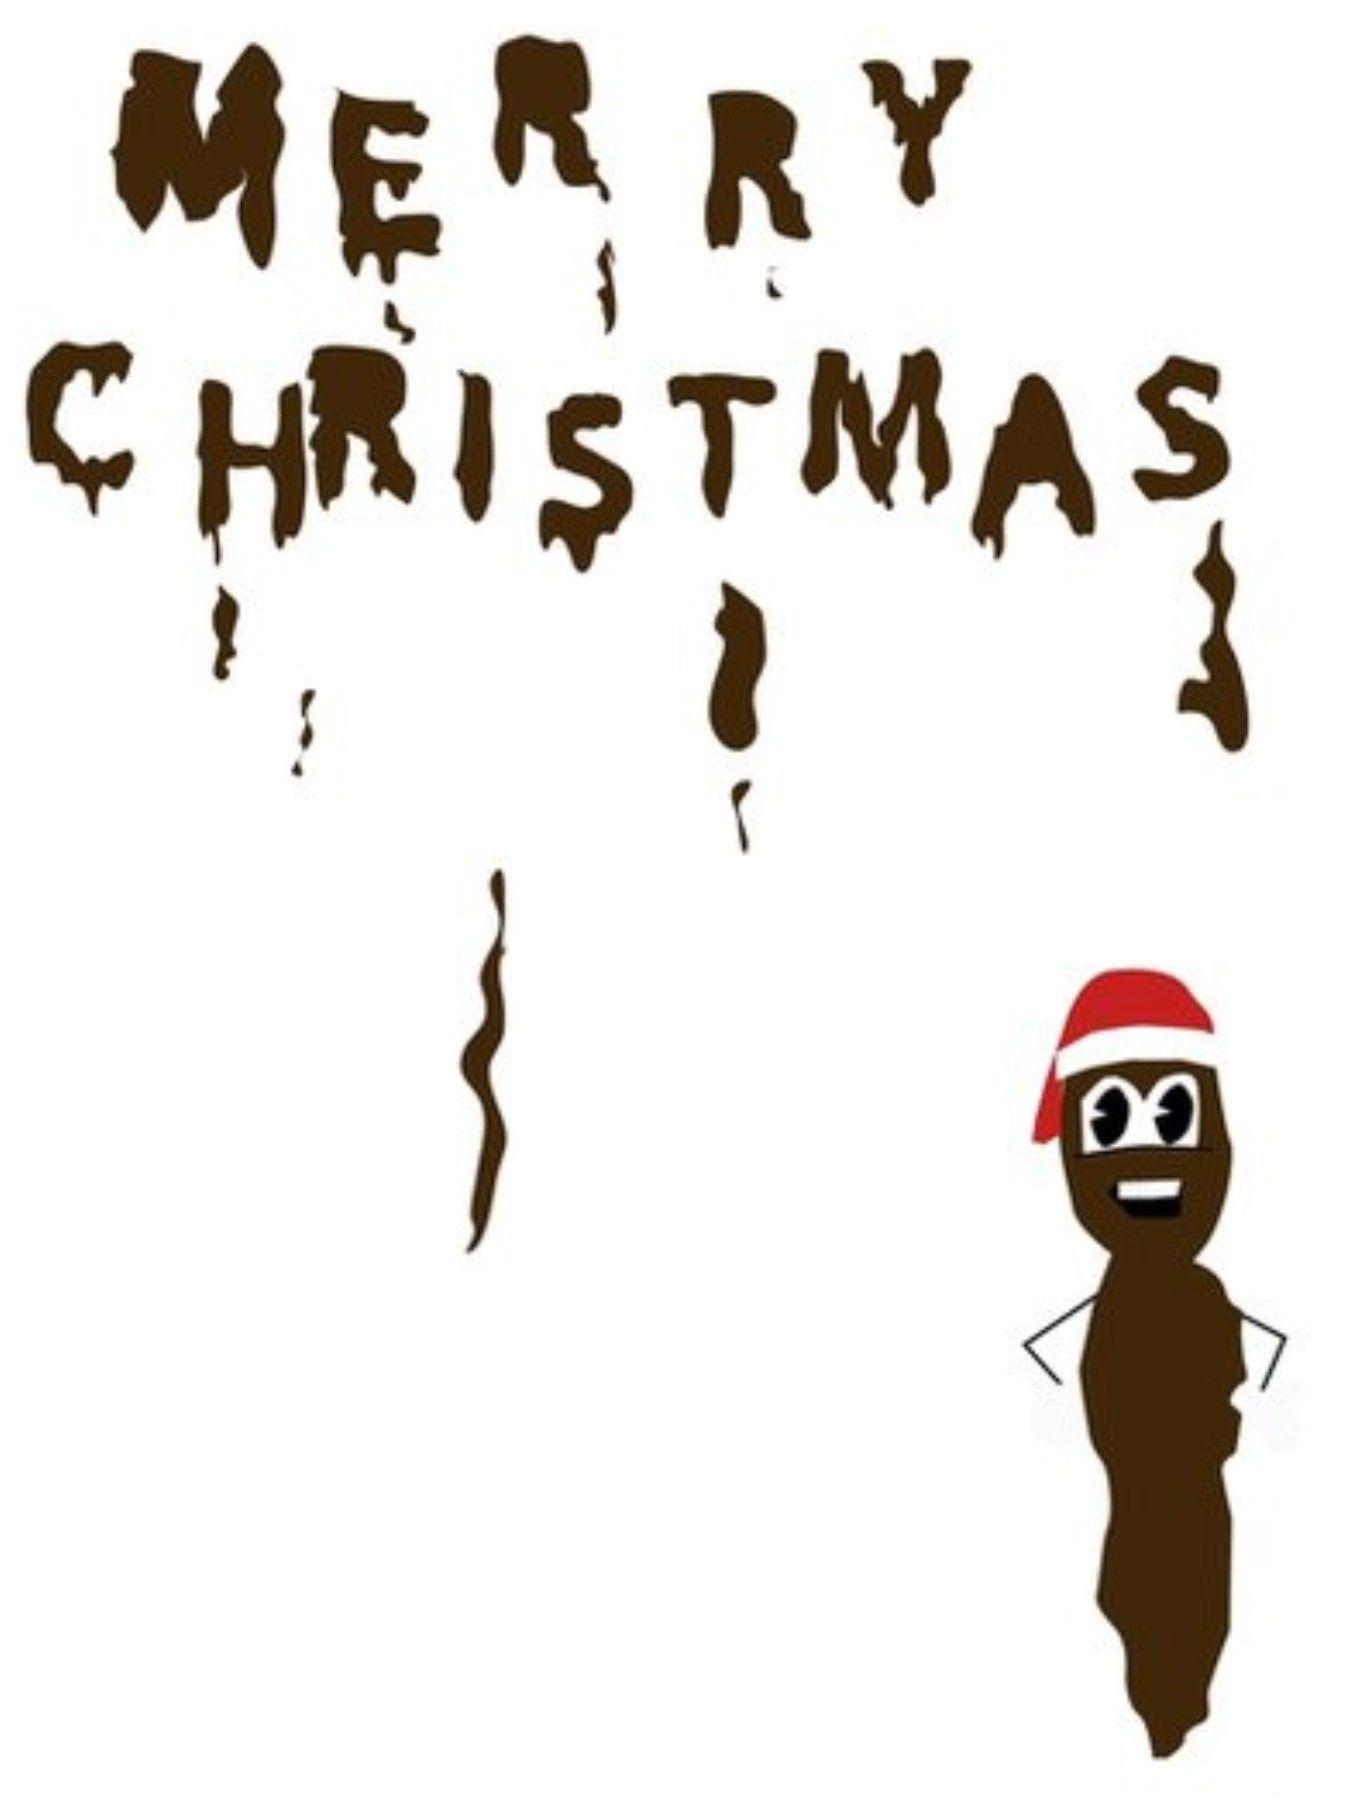 South Park Christmas Poo Parody 2020 Mr. Hankey the Christmas Poo, South Park | South park, Mr hankey